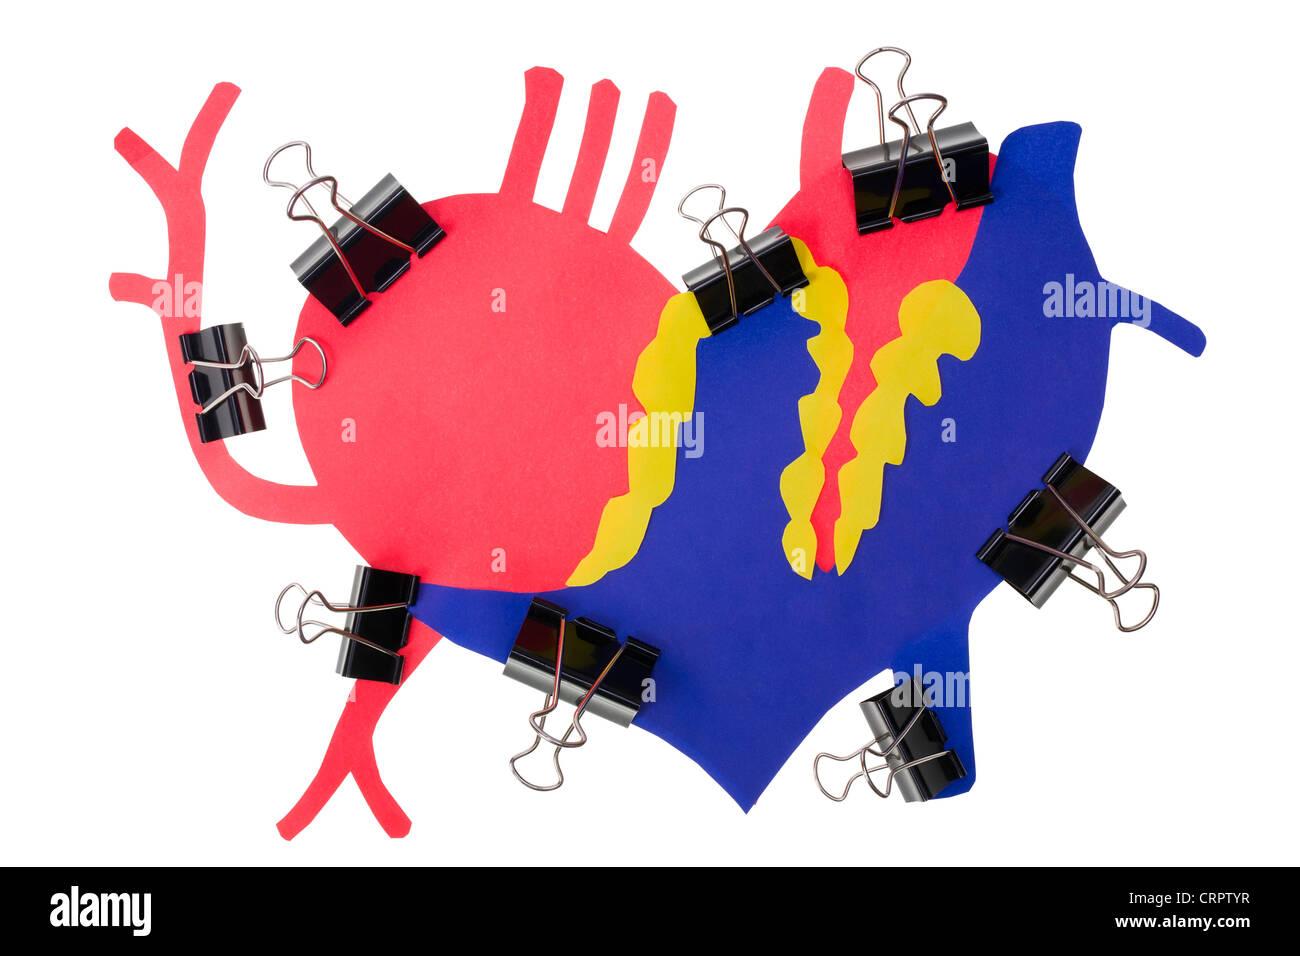 Infarctus du myocarde concept du cœur humain. Une crise cardiaque. Coeur du papier coloré avec une surface Photo Stock